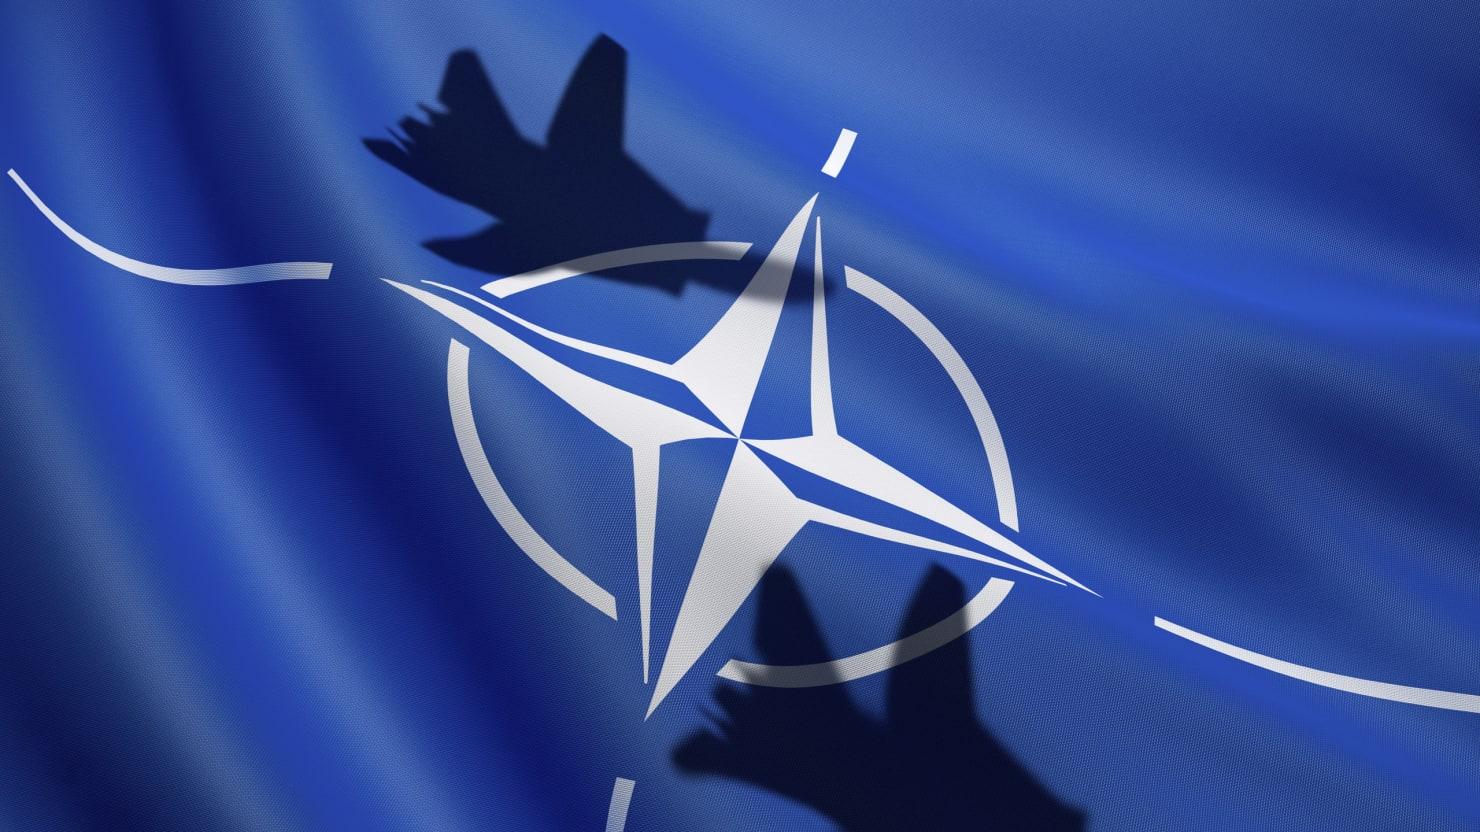 La NATO assume a Napoli e La Spezia, stipendi dai 5 ai 7mila euro al mese